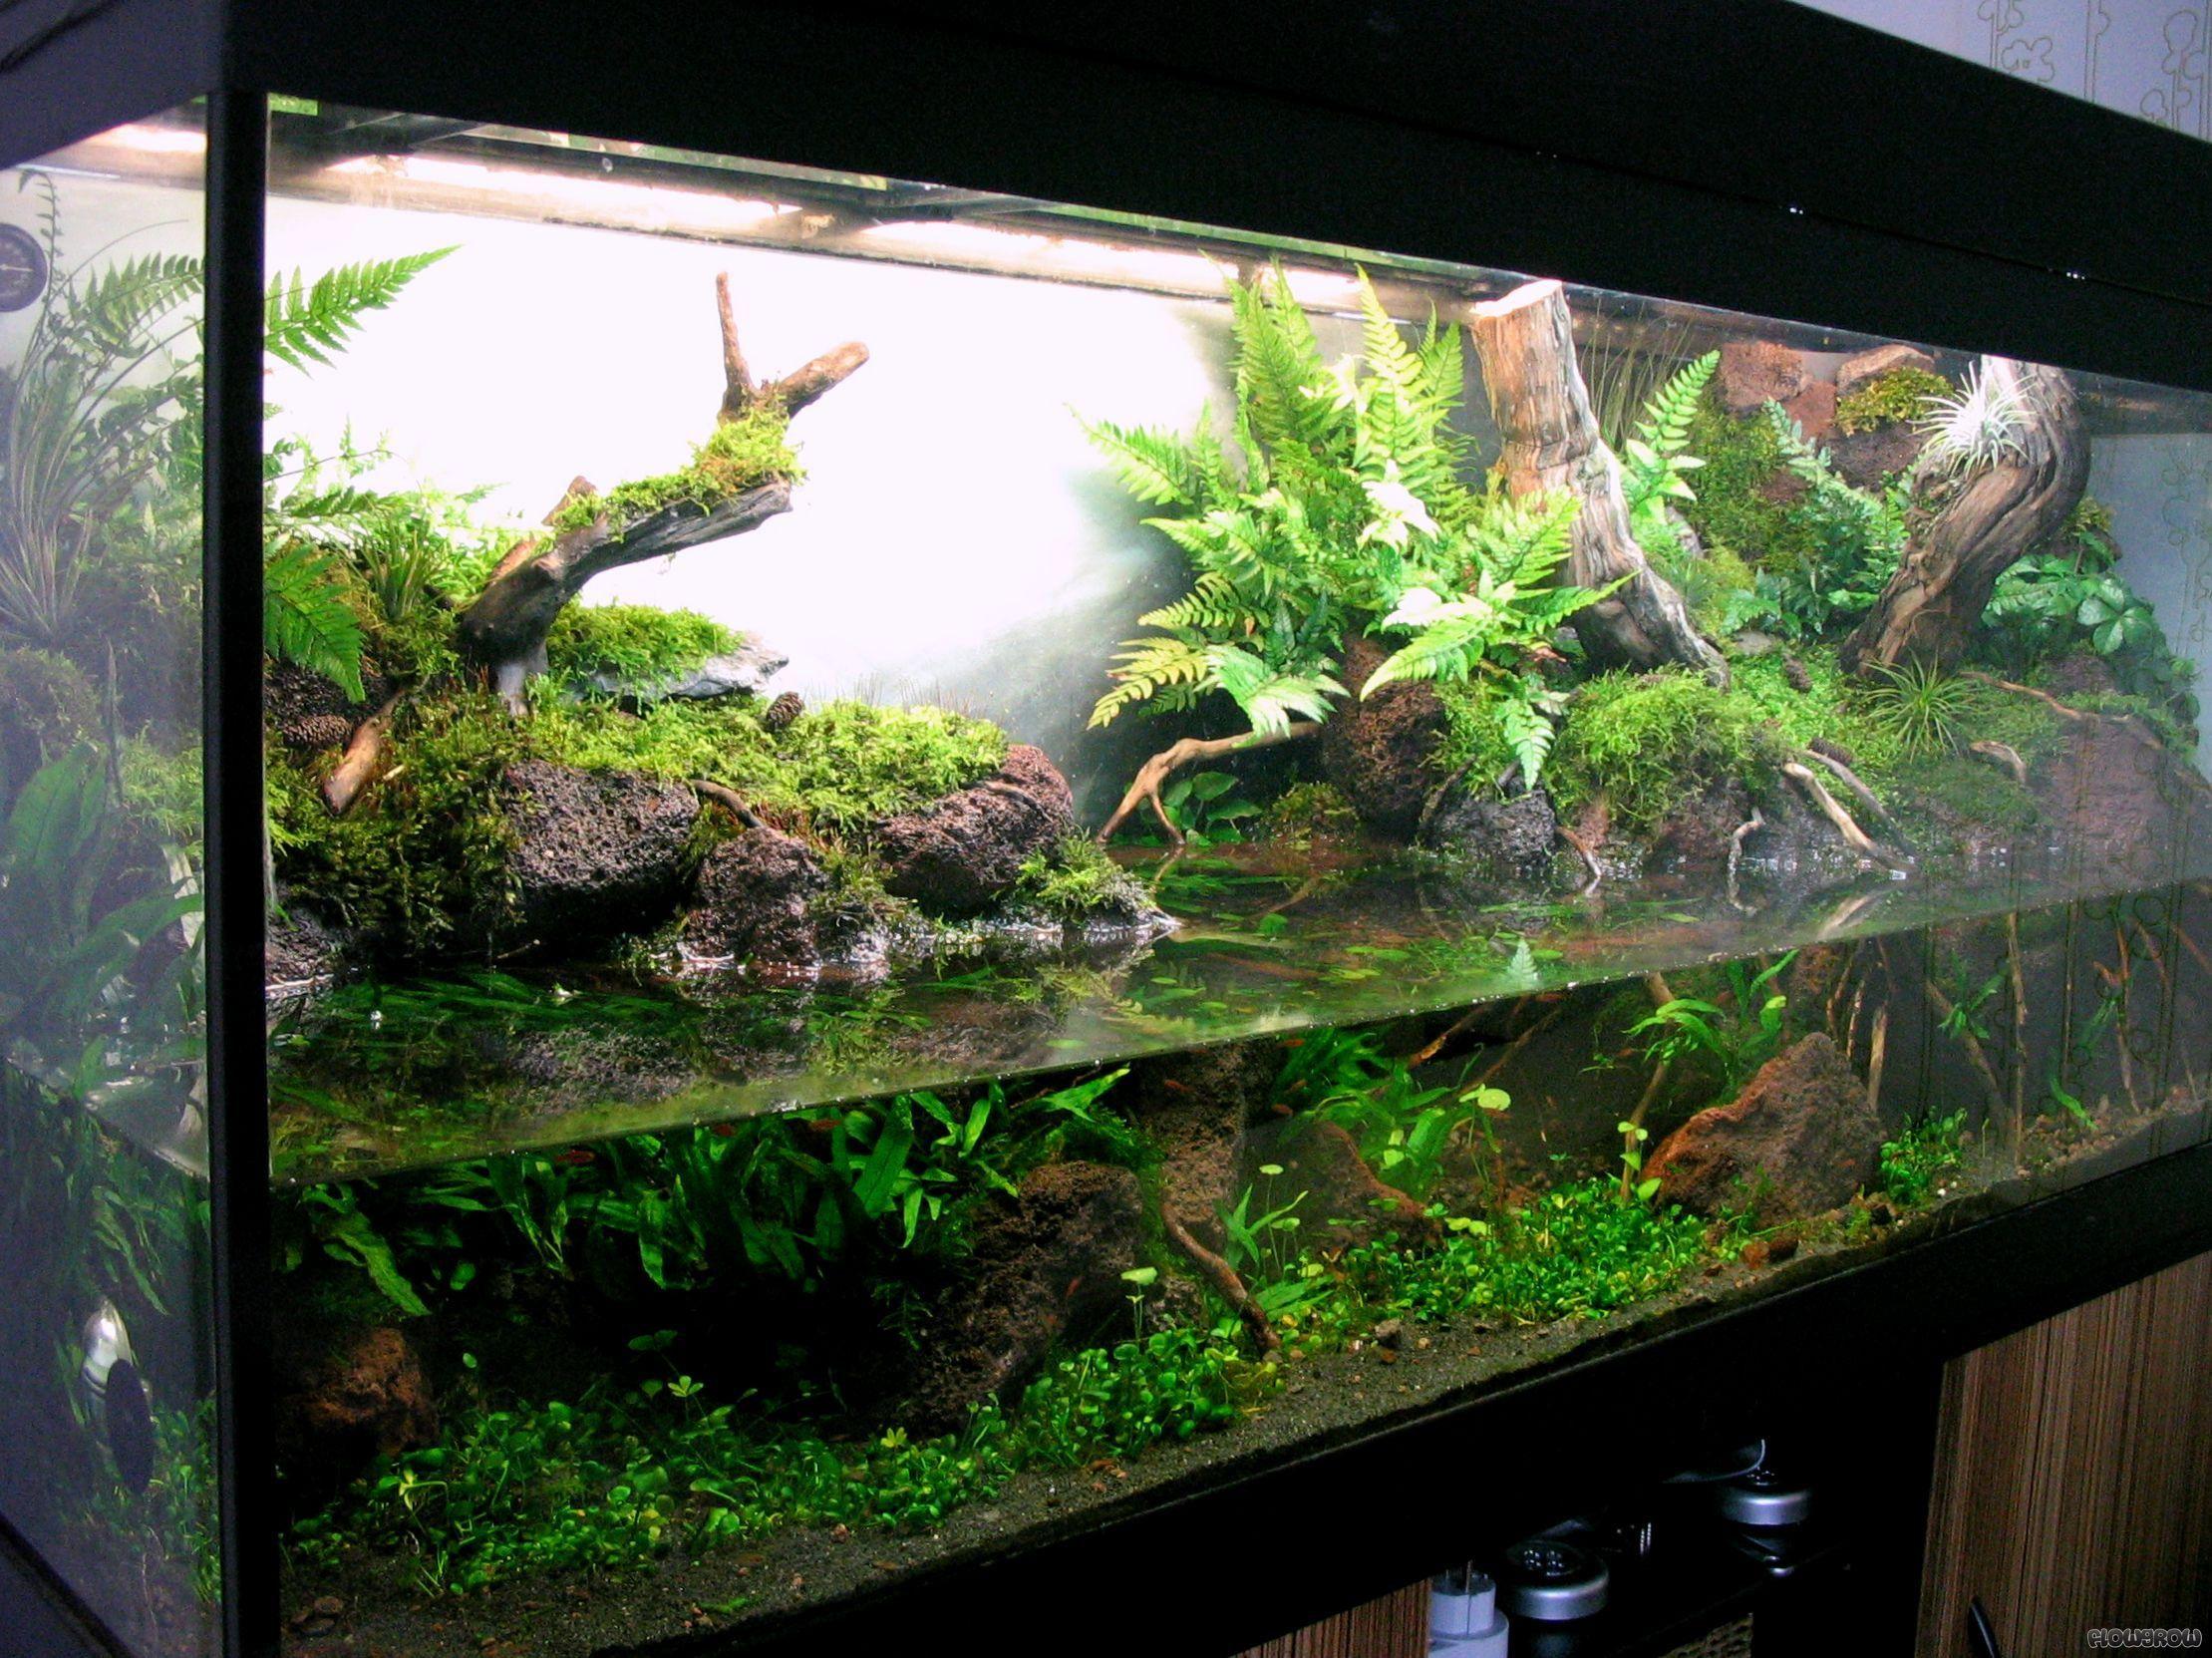 pin von luchito suz auf vivarium pinterest aquarium aquarien und aquarium terrarium. Black Bedroom Furniture Sets. Home Design Ideas